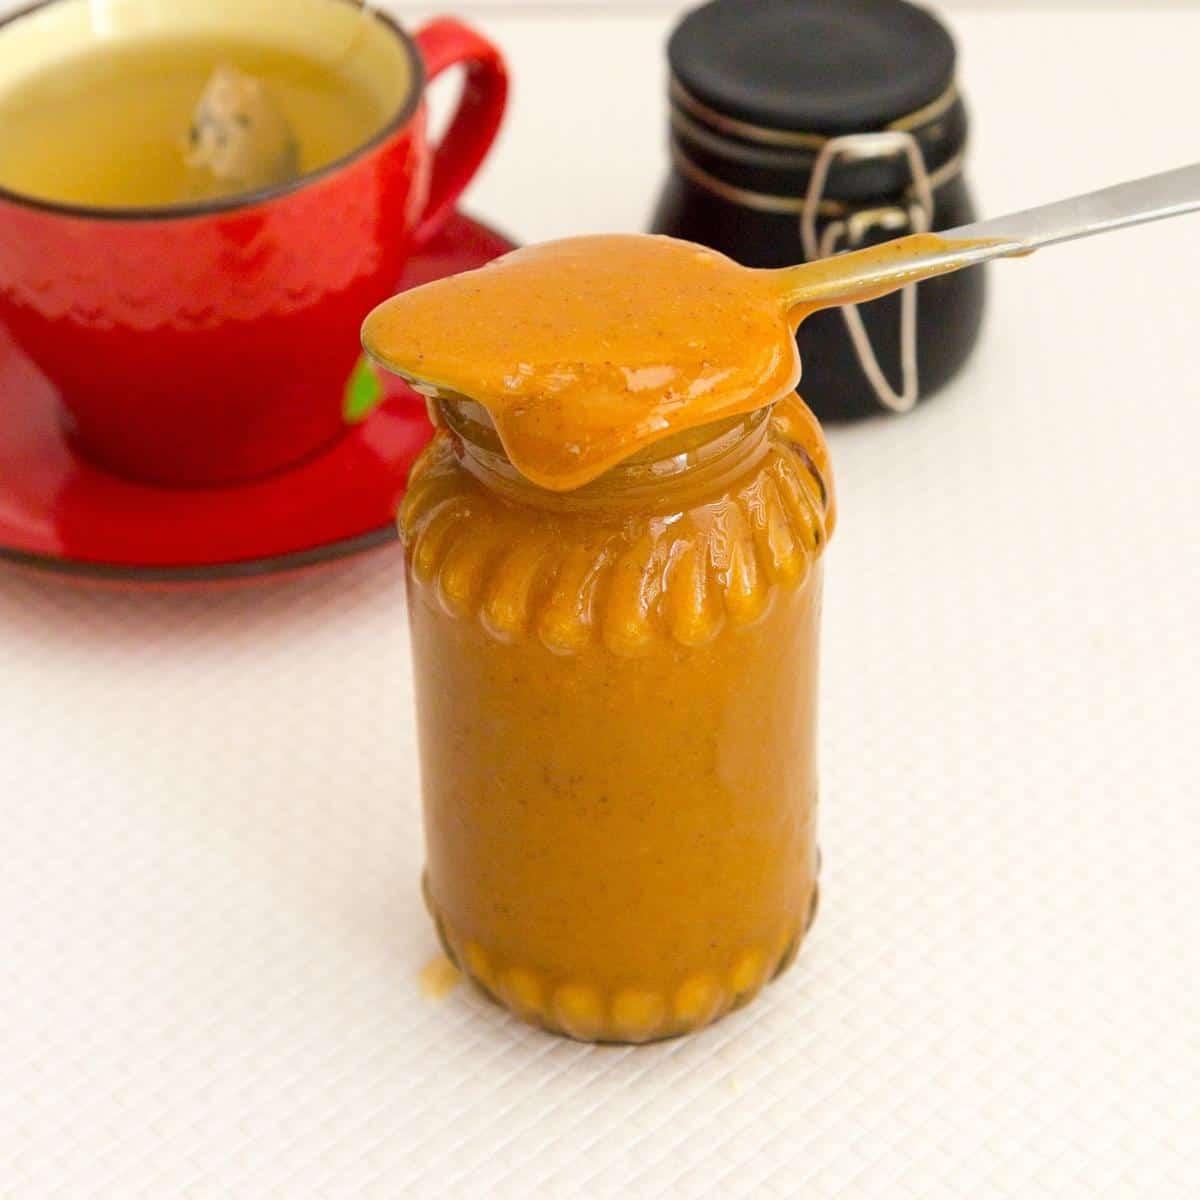 A mason jar with dulce de leche.